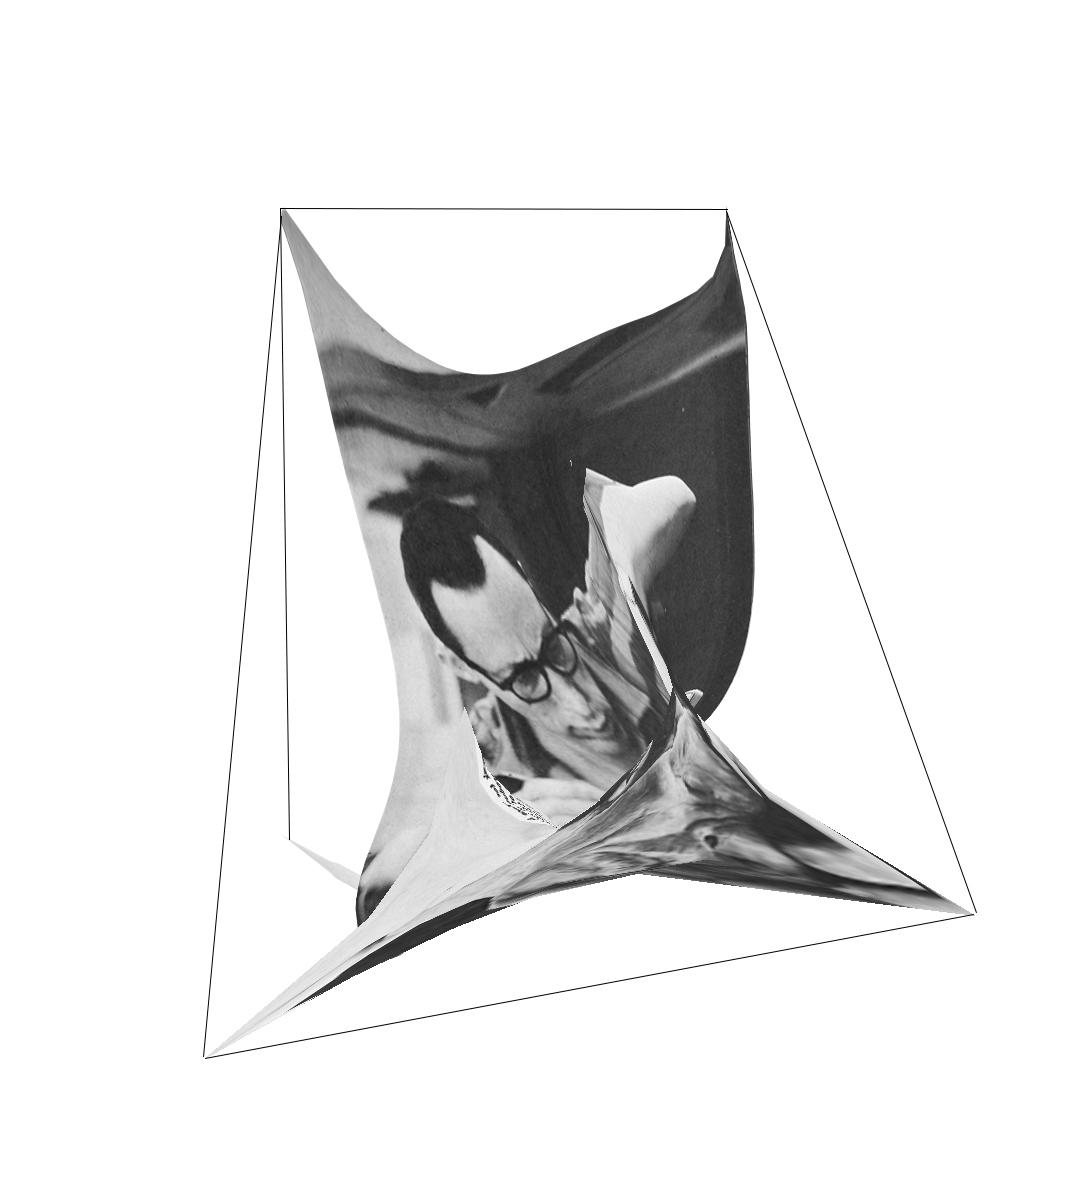 sculpture-01.jpg